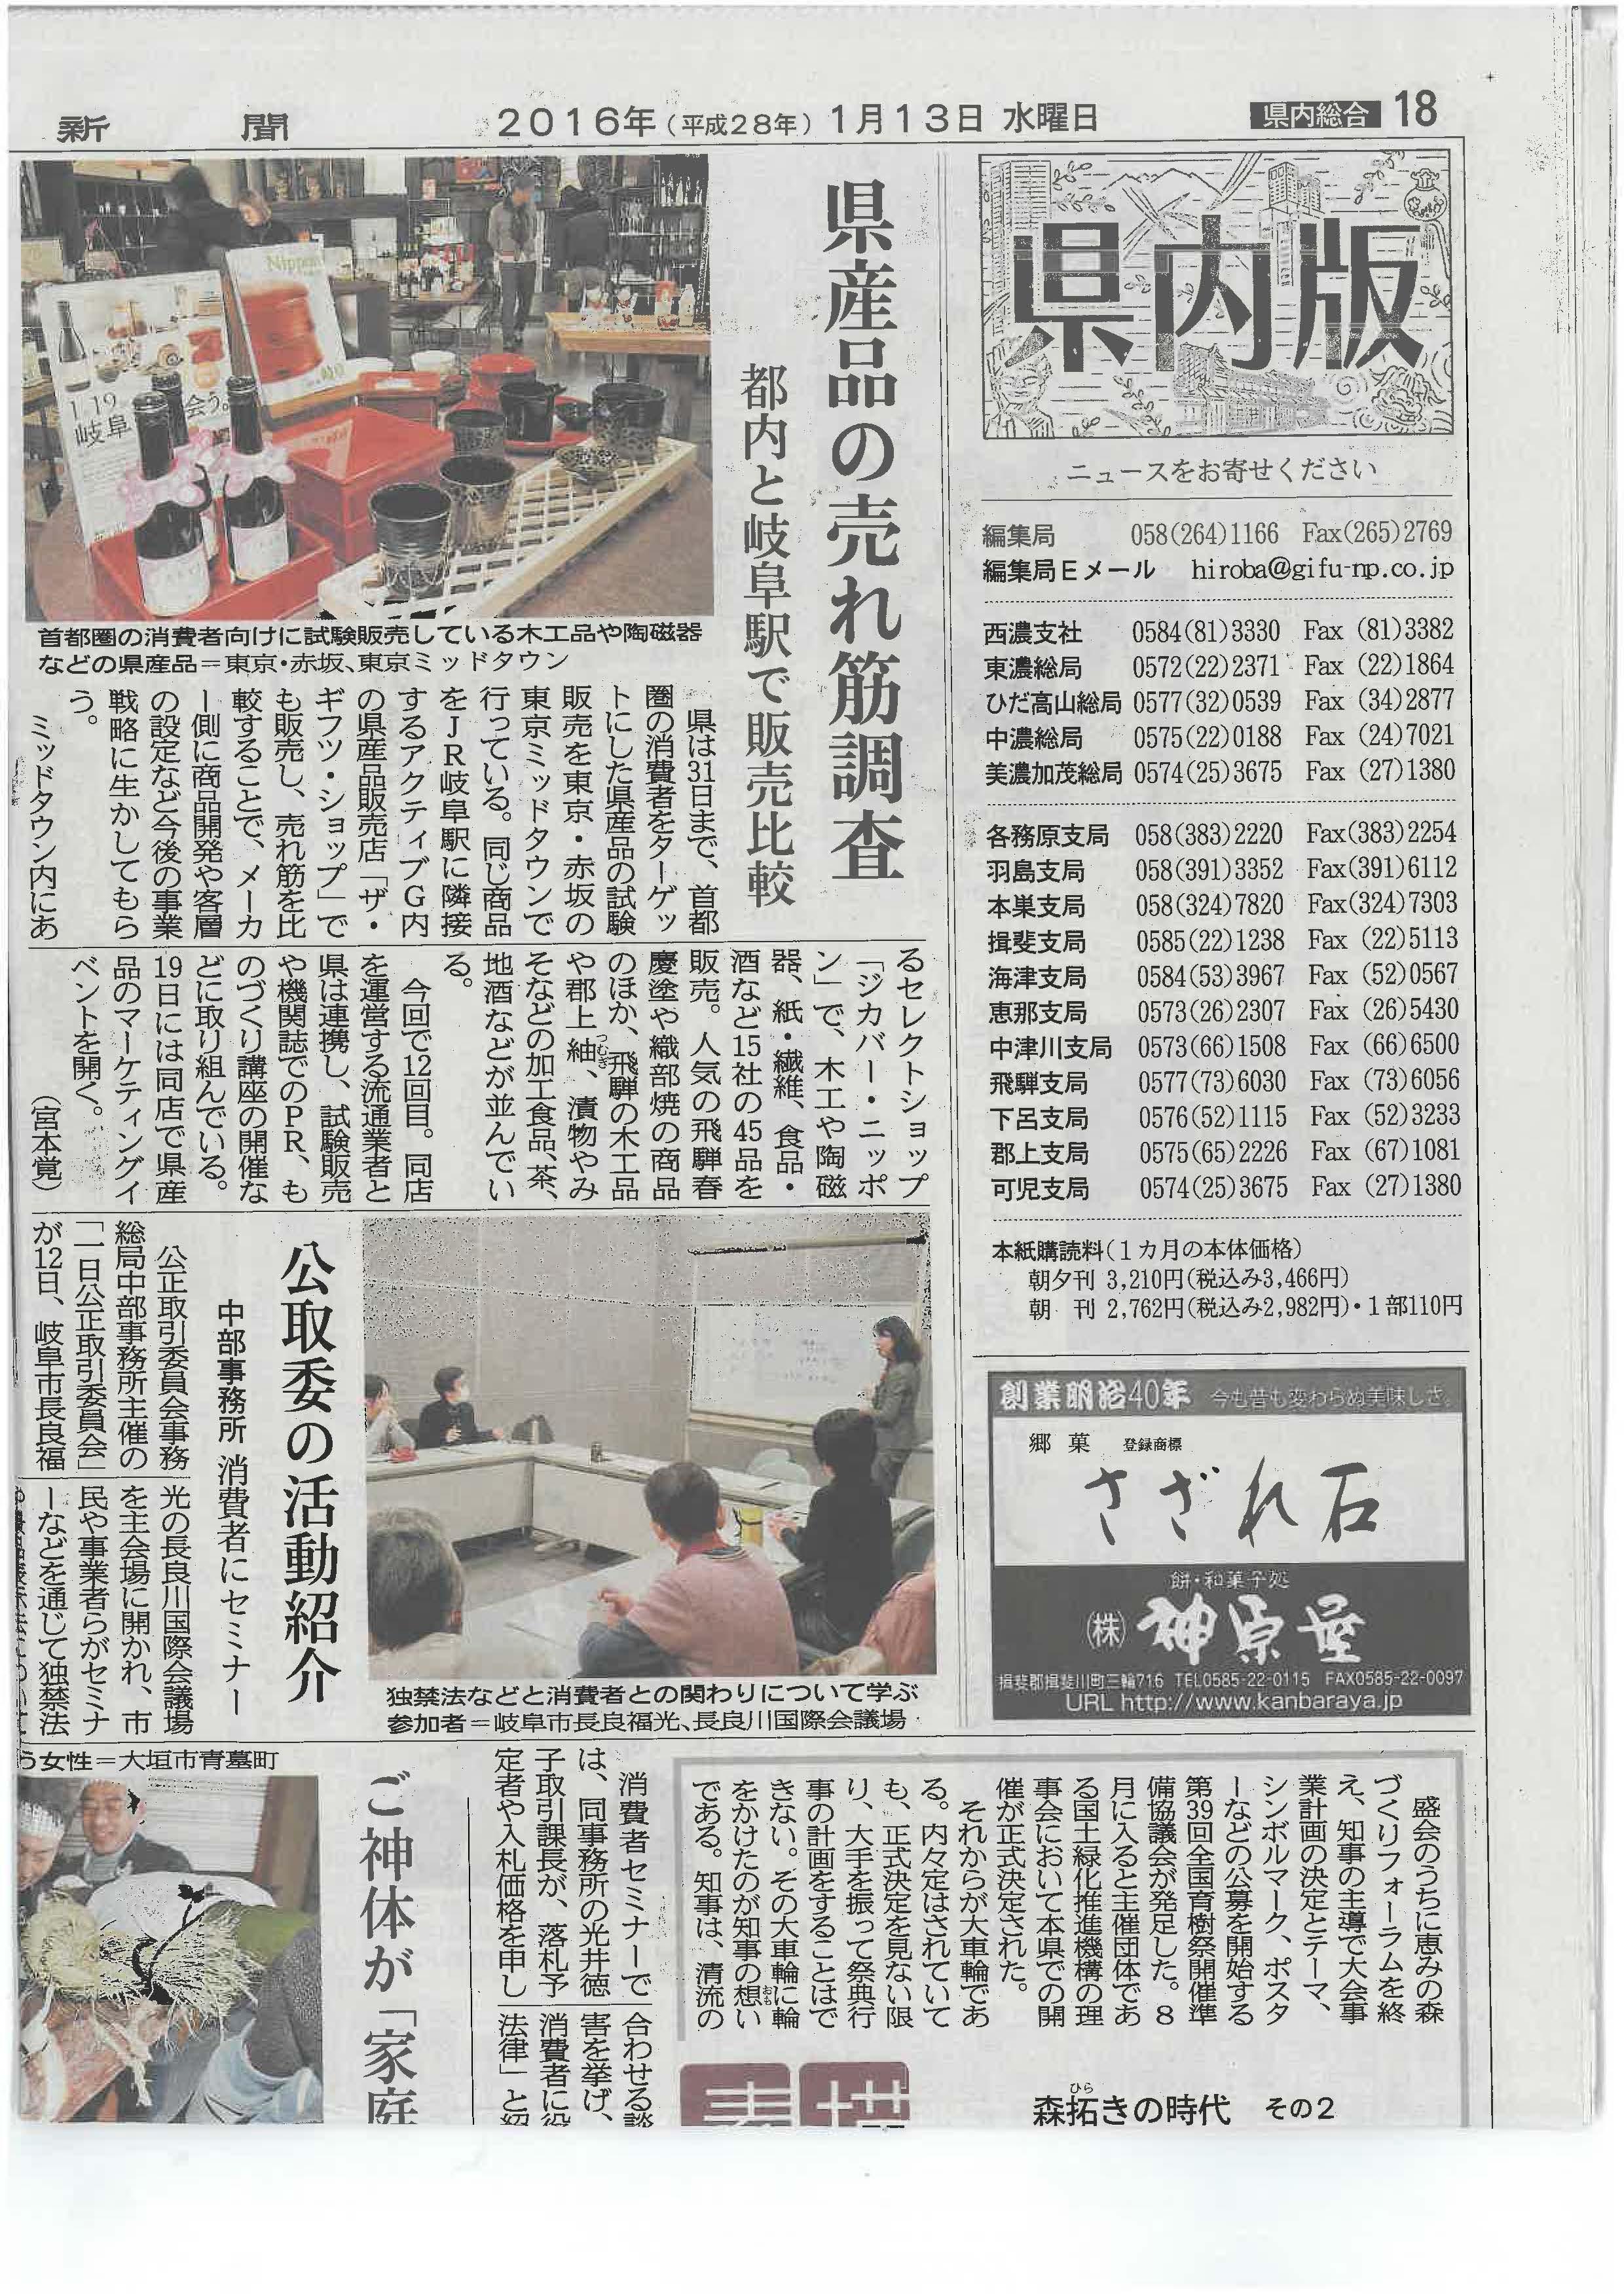 280113岐阜新聞(1月テスマ)